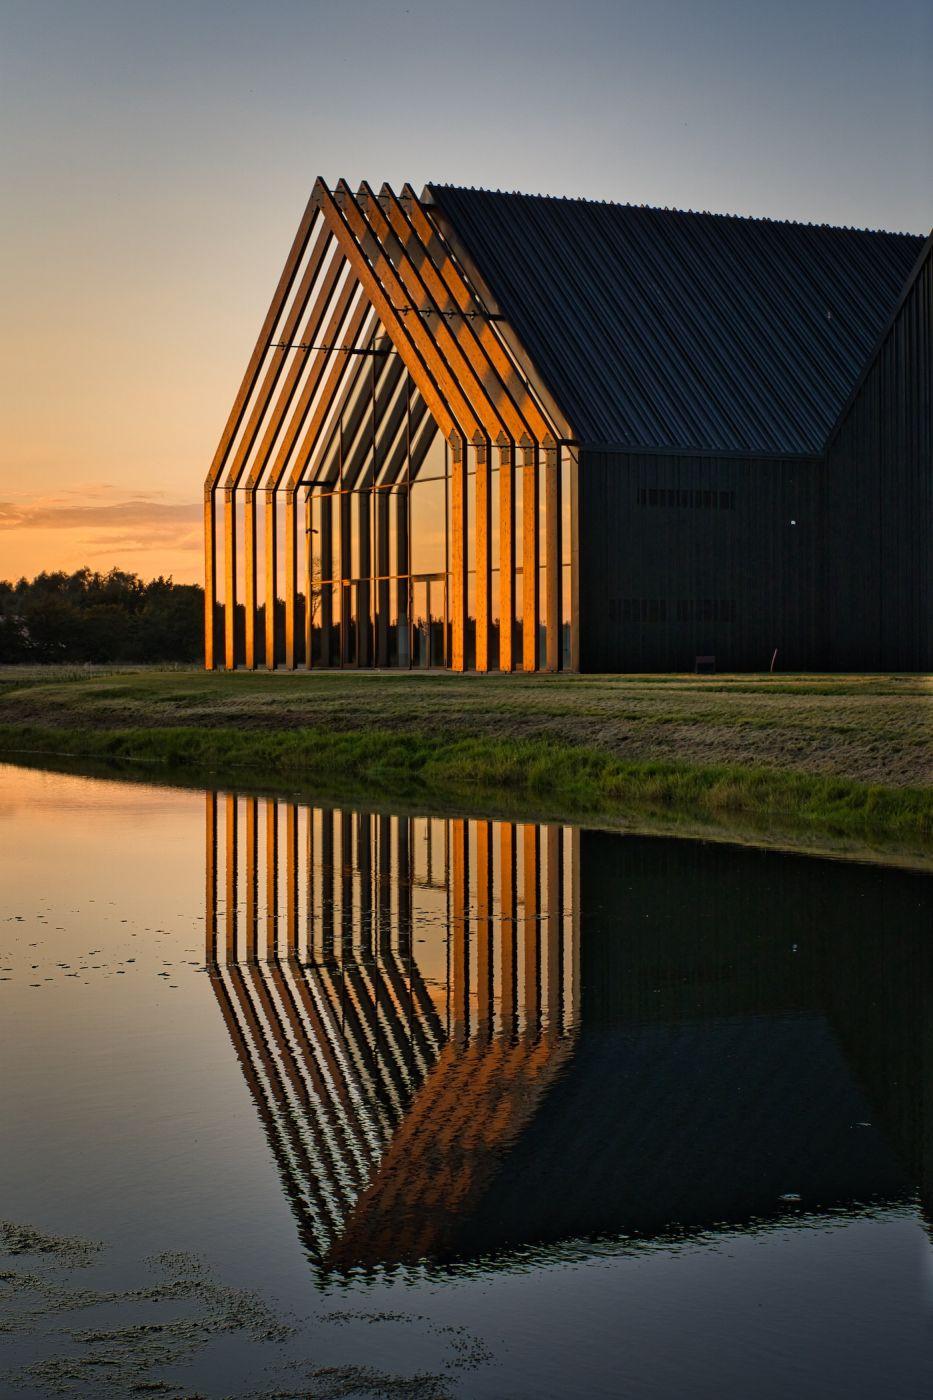 Stauning Whisky Distillery, Denmark